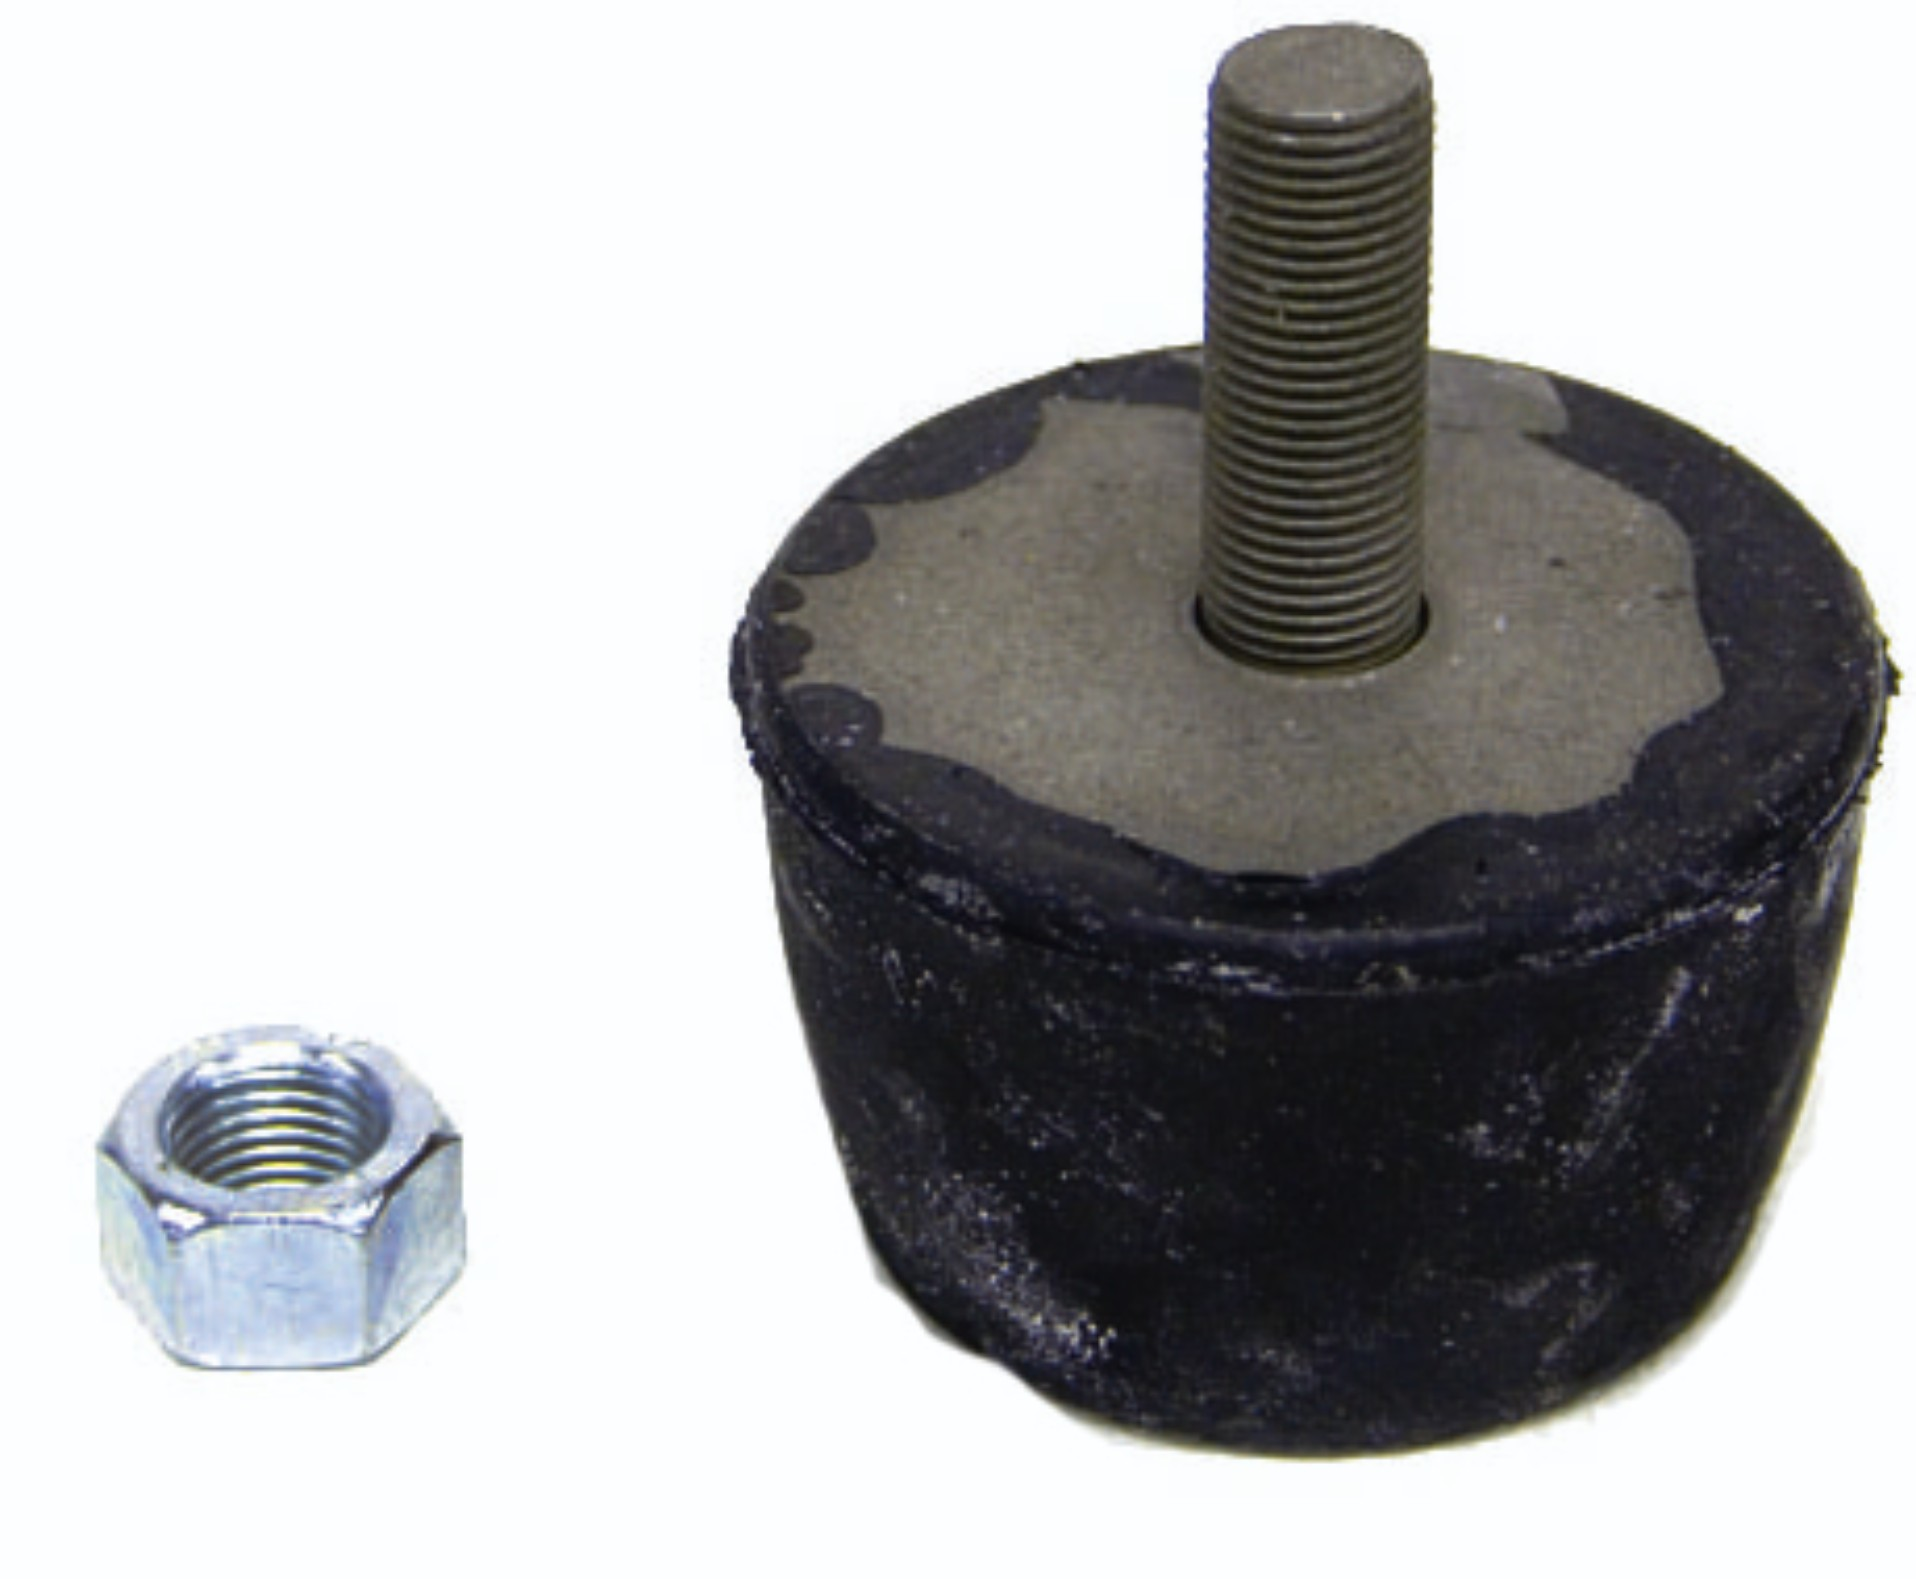 Gummikudde motorupphängning MD5, 6, 7, 11, 17, MB10 (22050)